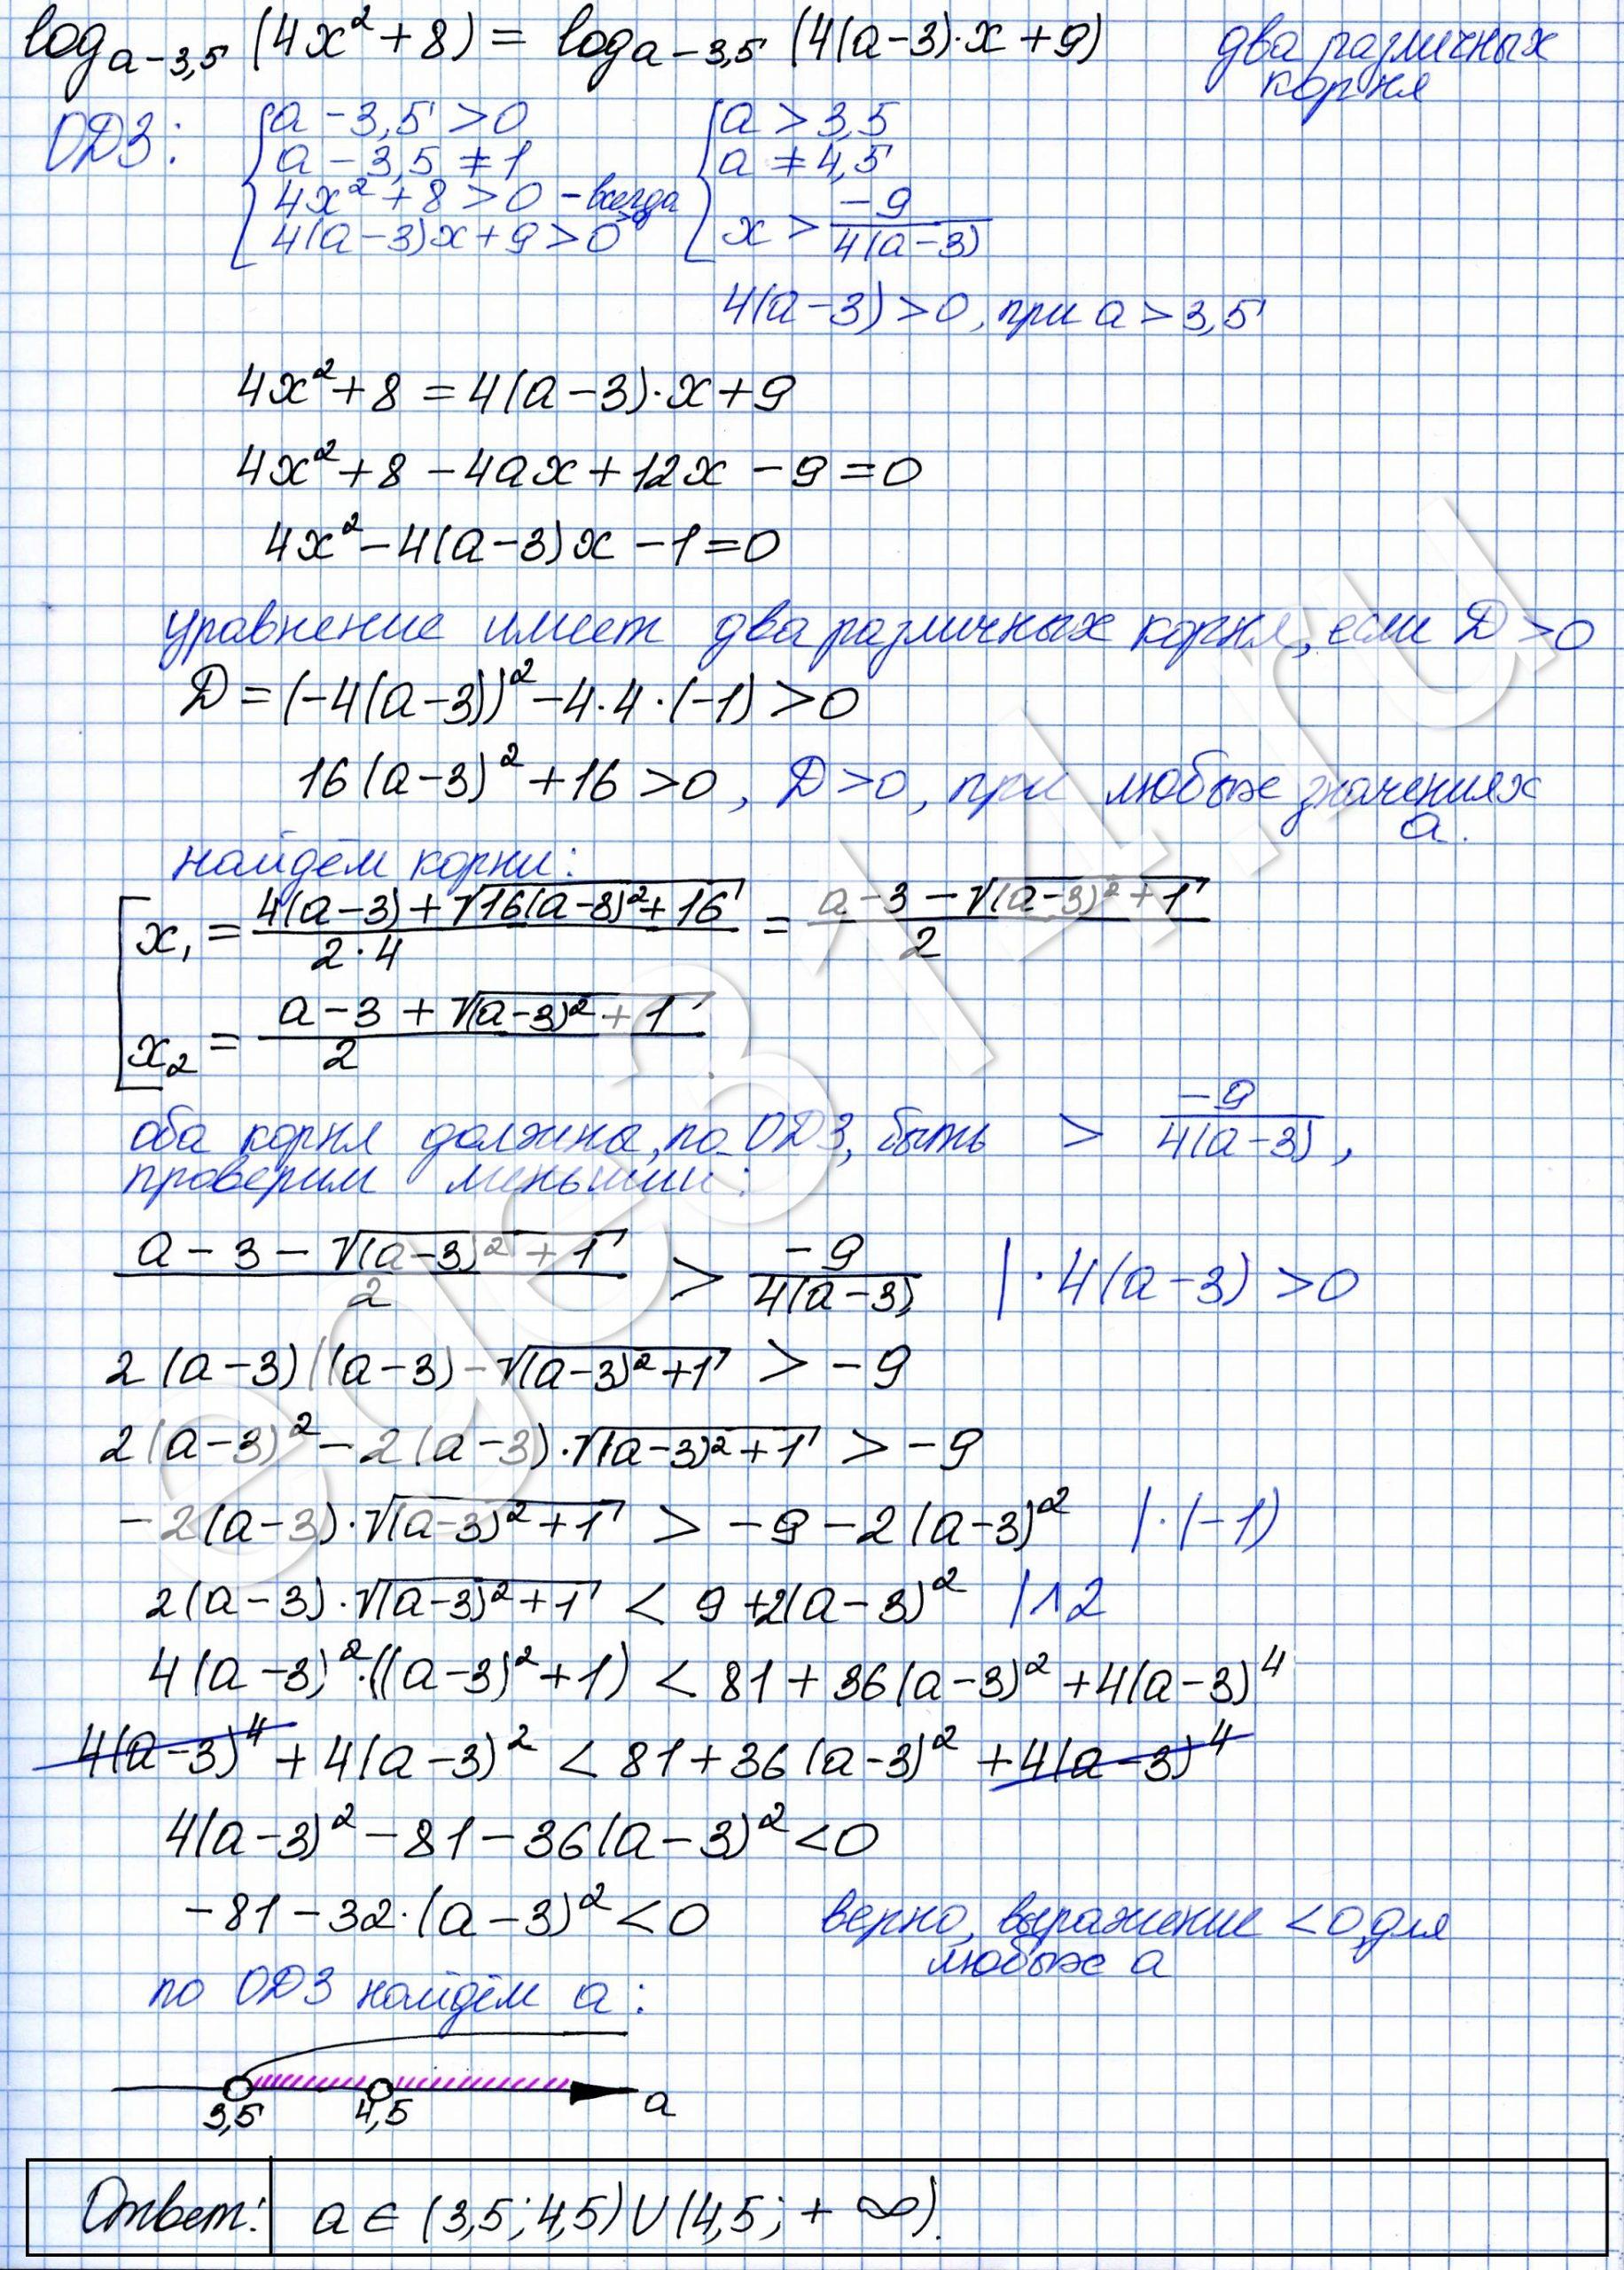 Решение №2030 Найдите все значения 𝑎, при каждом из которых уравнение log𝑎−3,5 (4𝑥^2 + 8) = log𝑎−3,5 (4(𝑎 − 3)𝑥 +9) имеет ровно два различных корня.